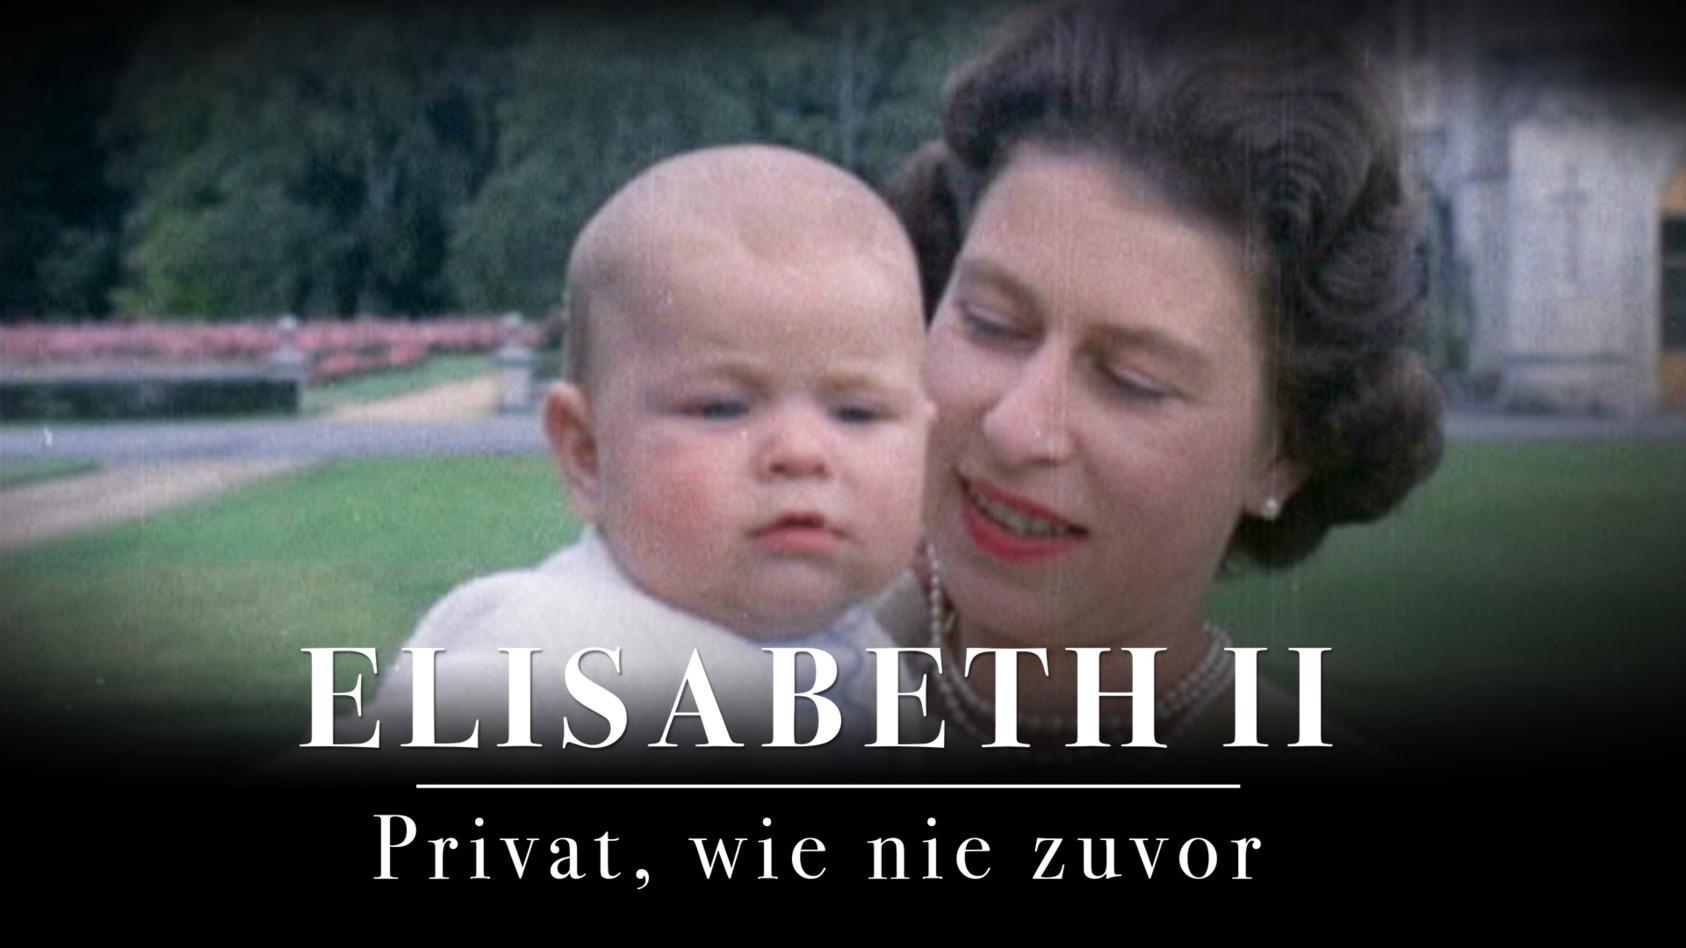 elizabeth-ii-so-privat-wie-nie-zuvor-einzigartige-einblicke-wer-ist-die-frau-hinter-der-krone-wirklich